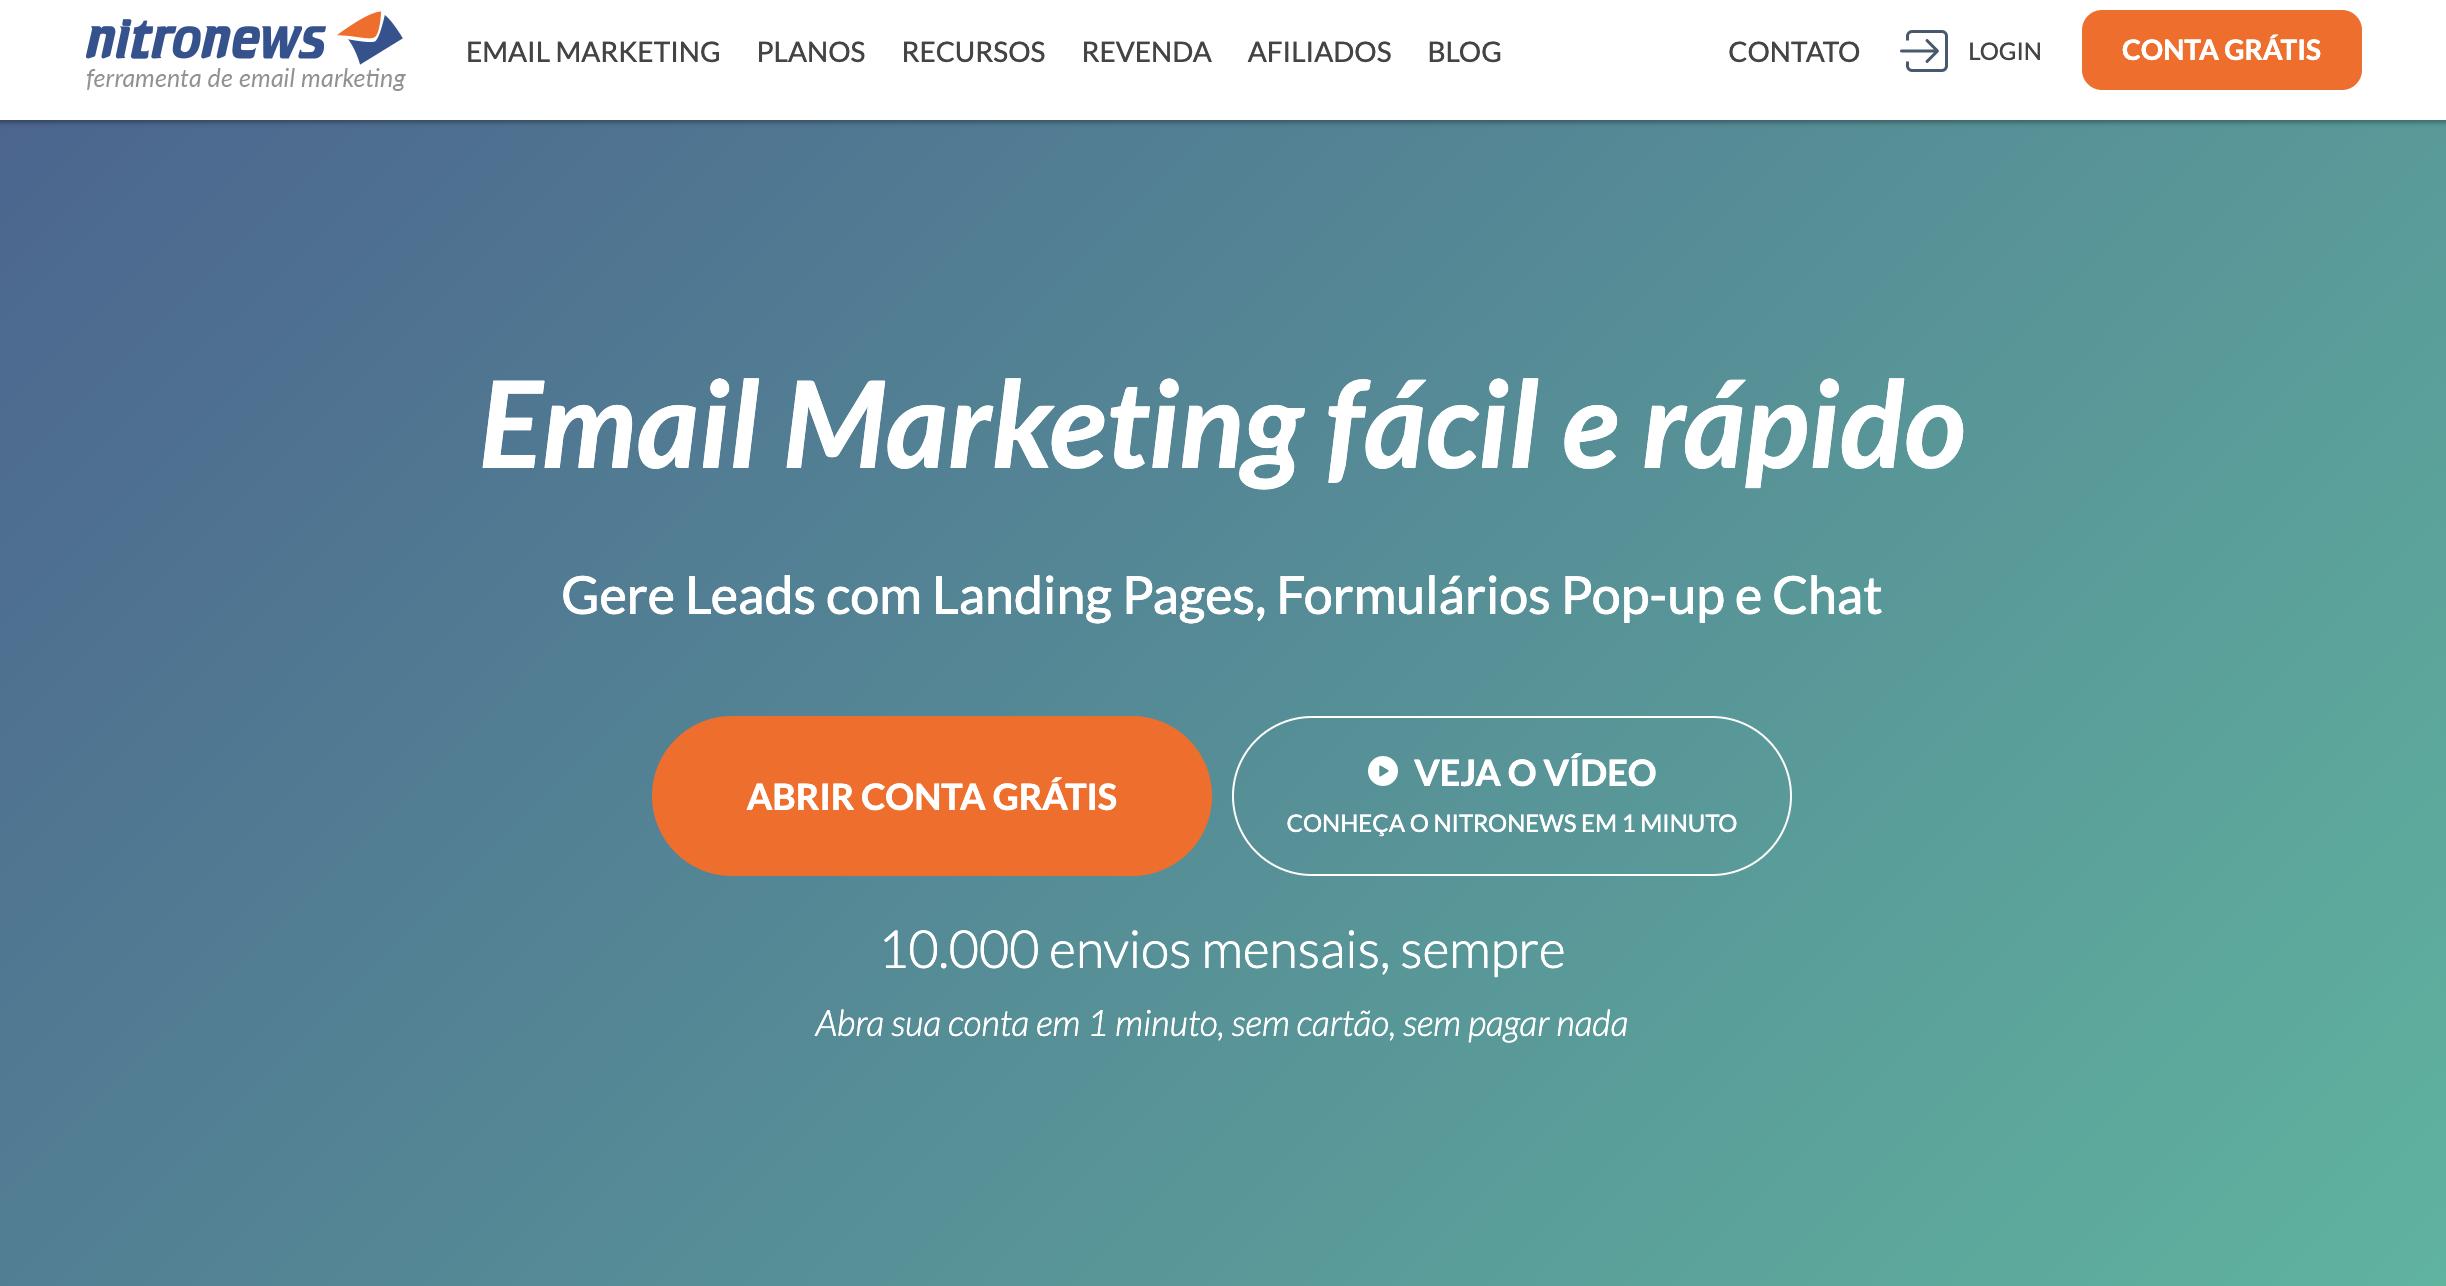 Nitro News como exemplo de ferramenta grátis de email marketing